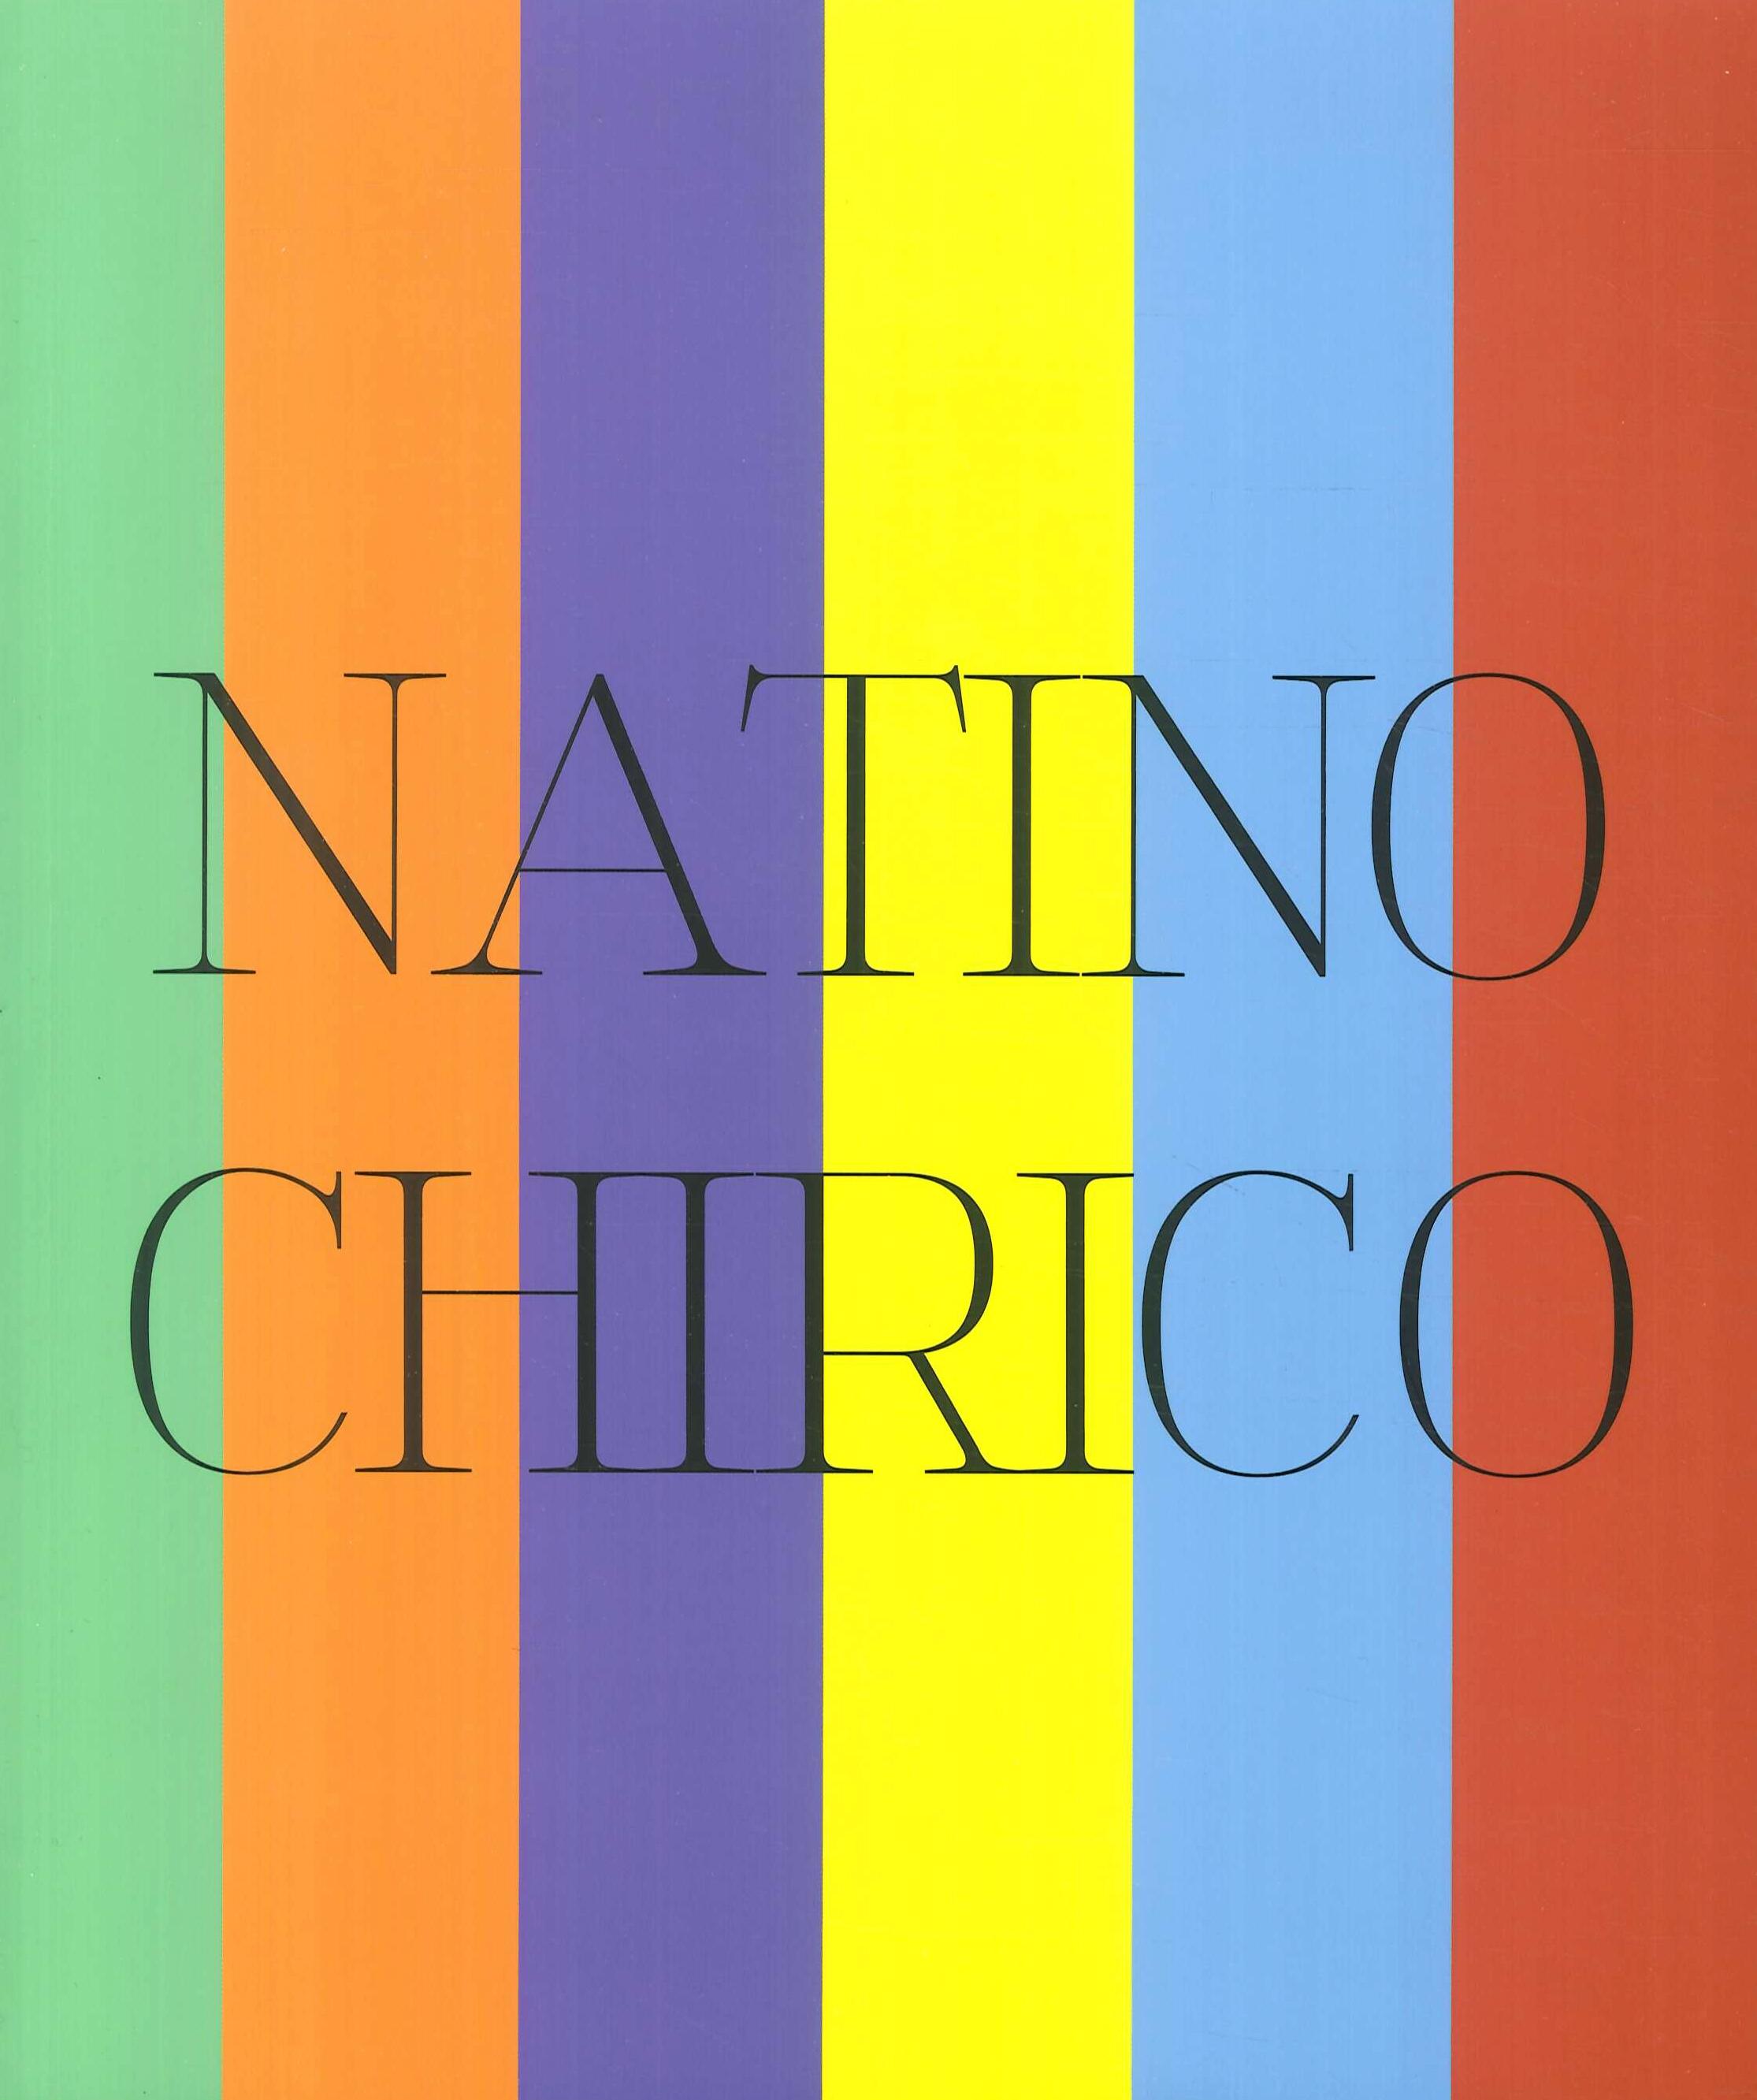 Natino Chirico. Mitologie di un eterno presente.